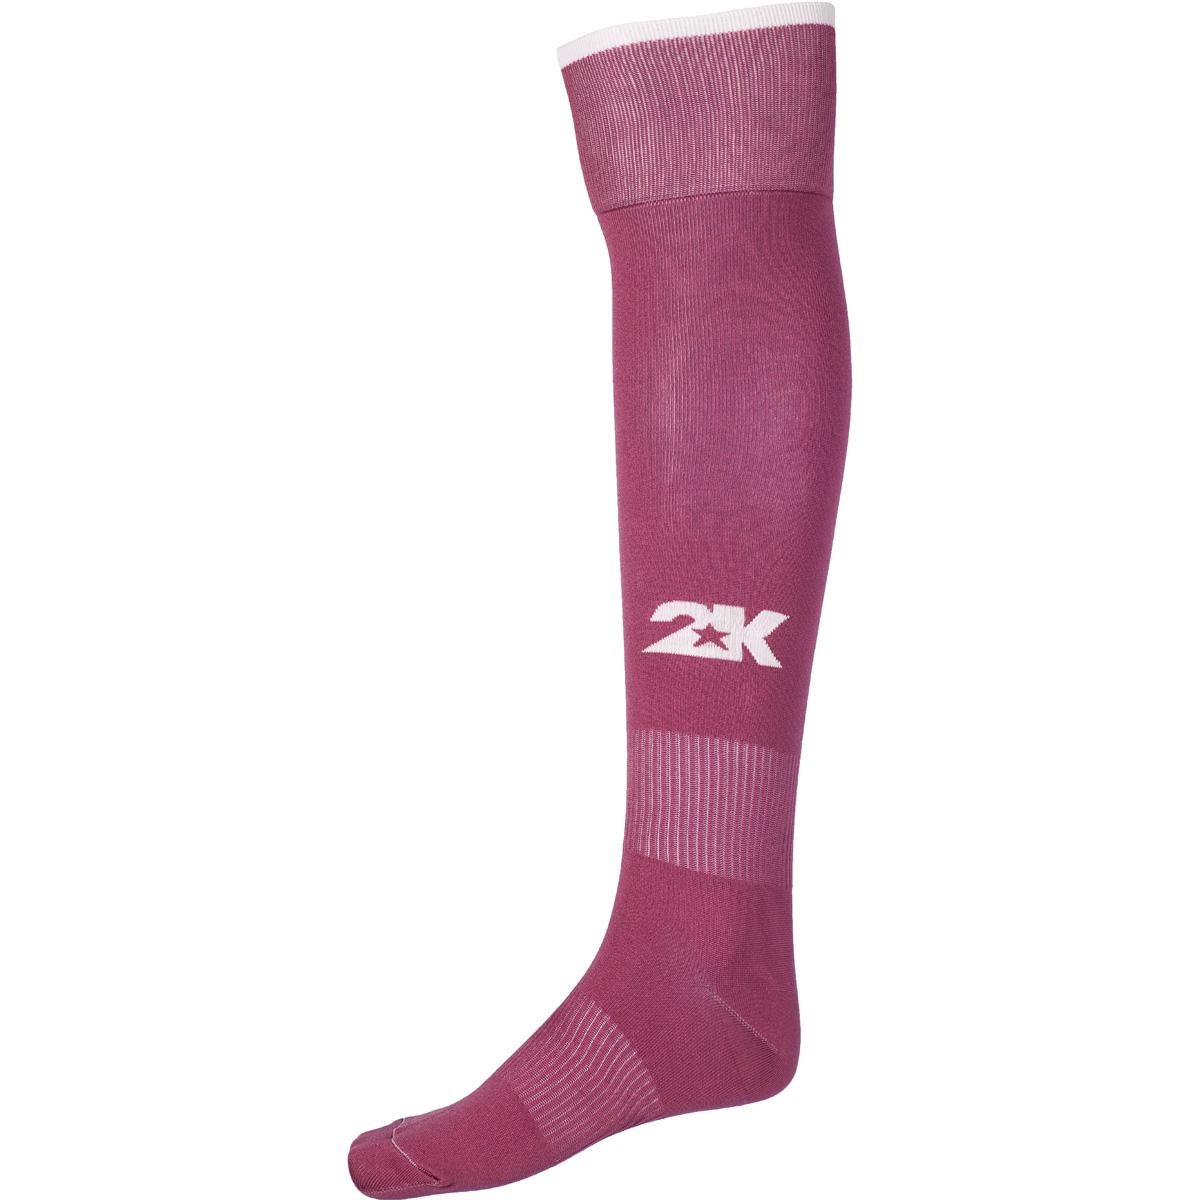 Классические футбольные гетры выполнены из высококачественного материала. Оформлены логотипом бренда.